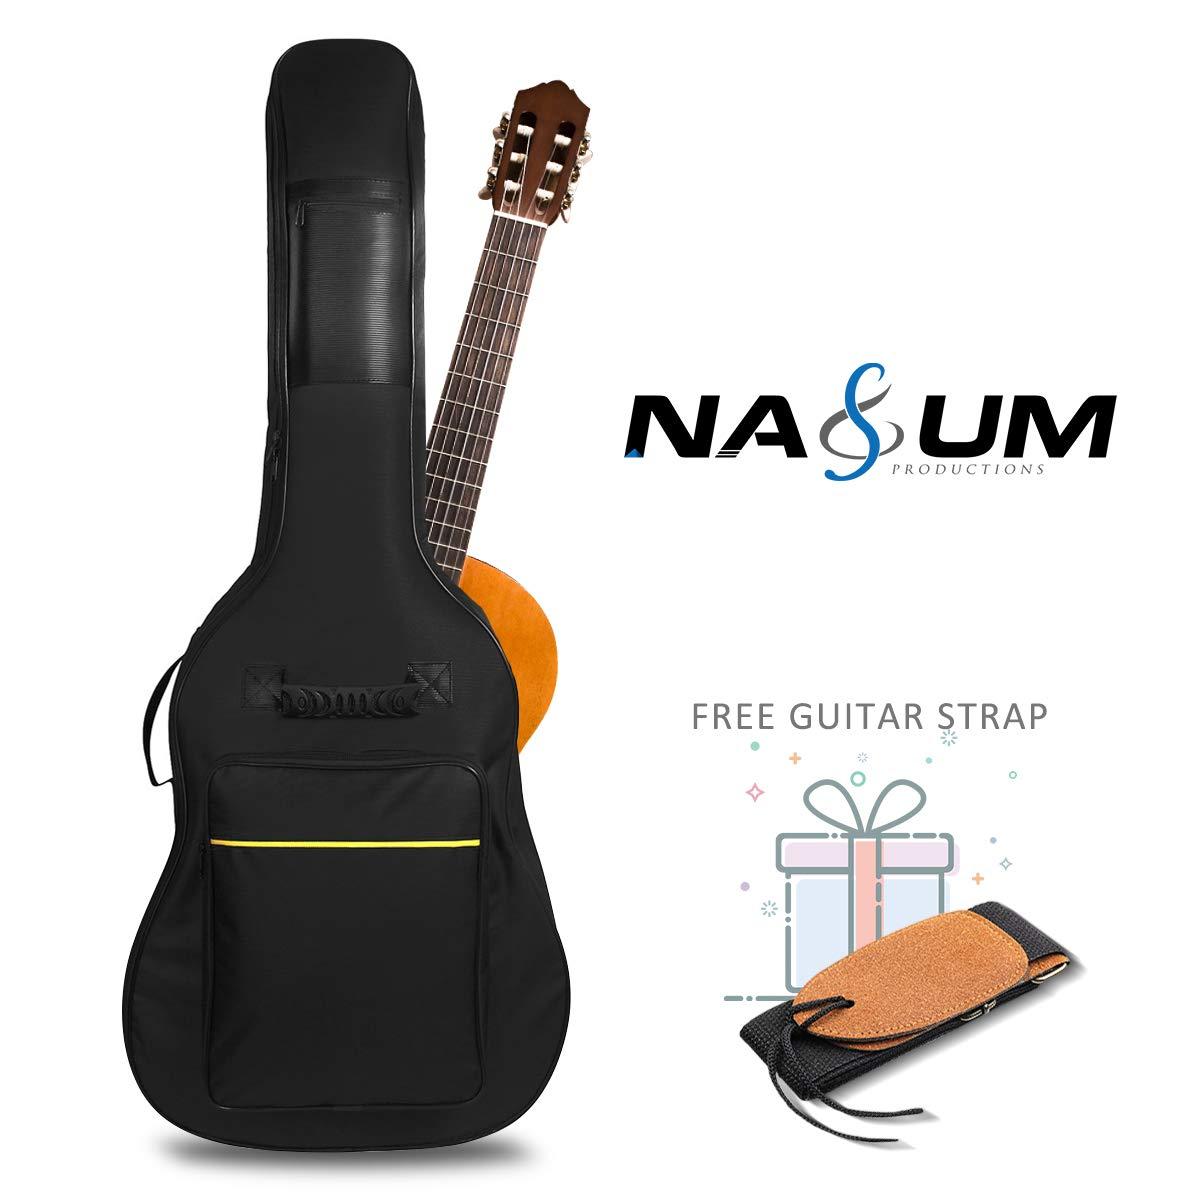 NASUM Funda para Guitarra 41 Pulgadas Bolsa Negra de Guitarra Impermeable Nylon 600D Oxford Goma en